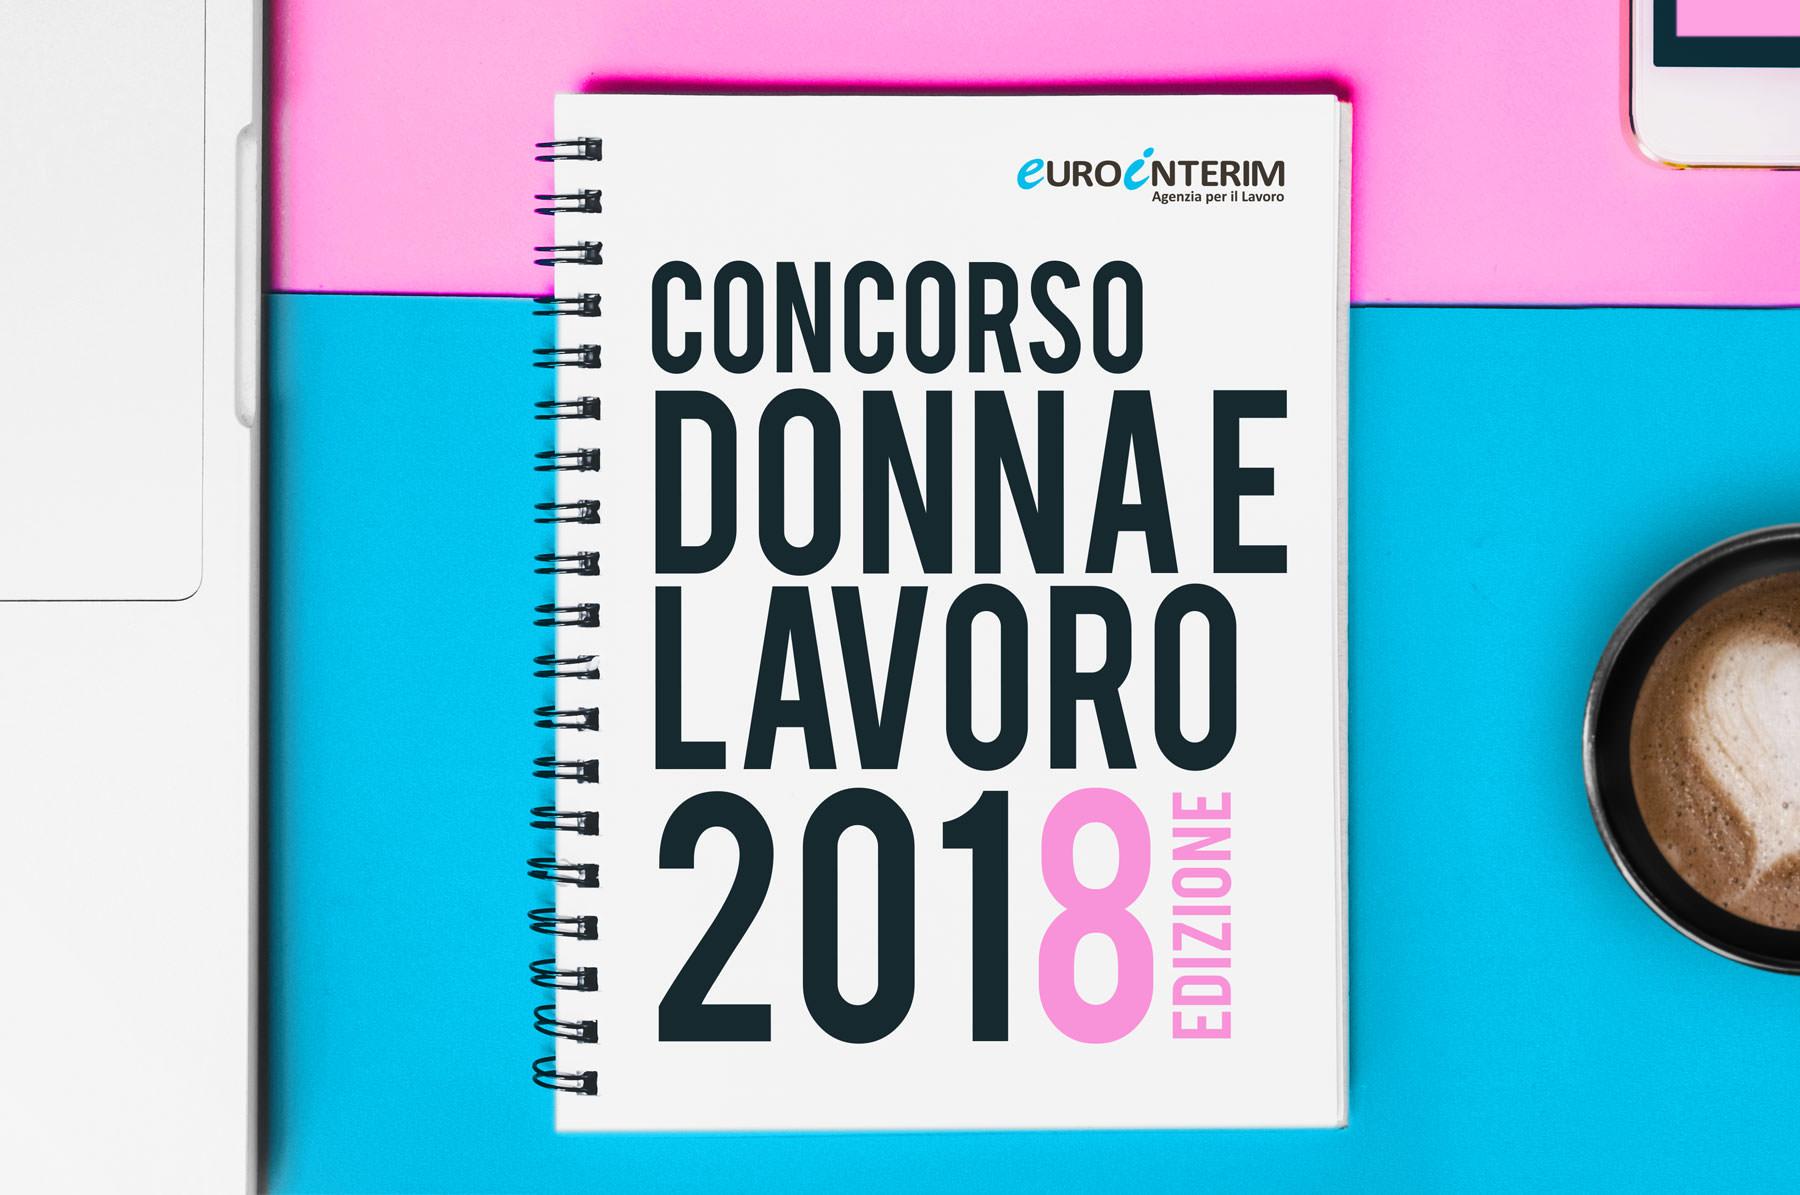 Concorso Donna e Lavoro 2018